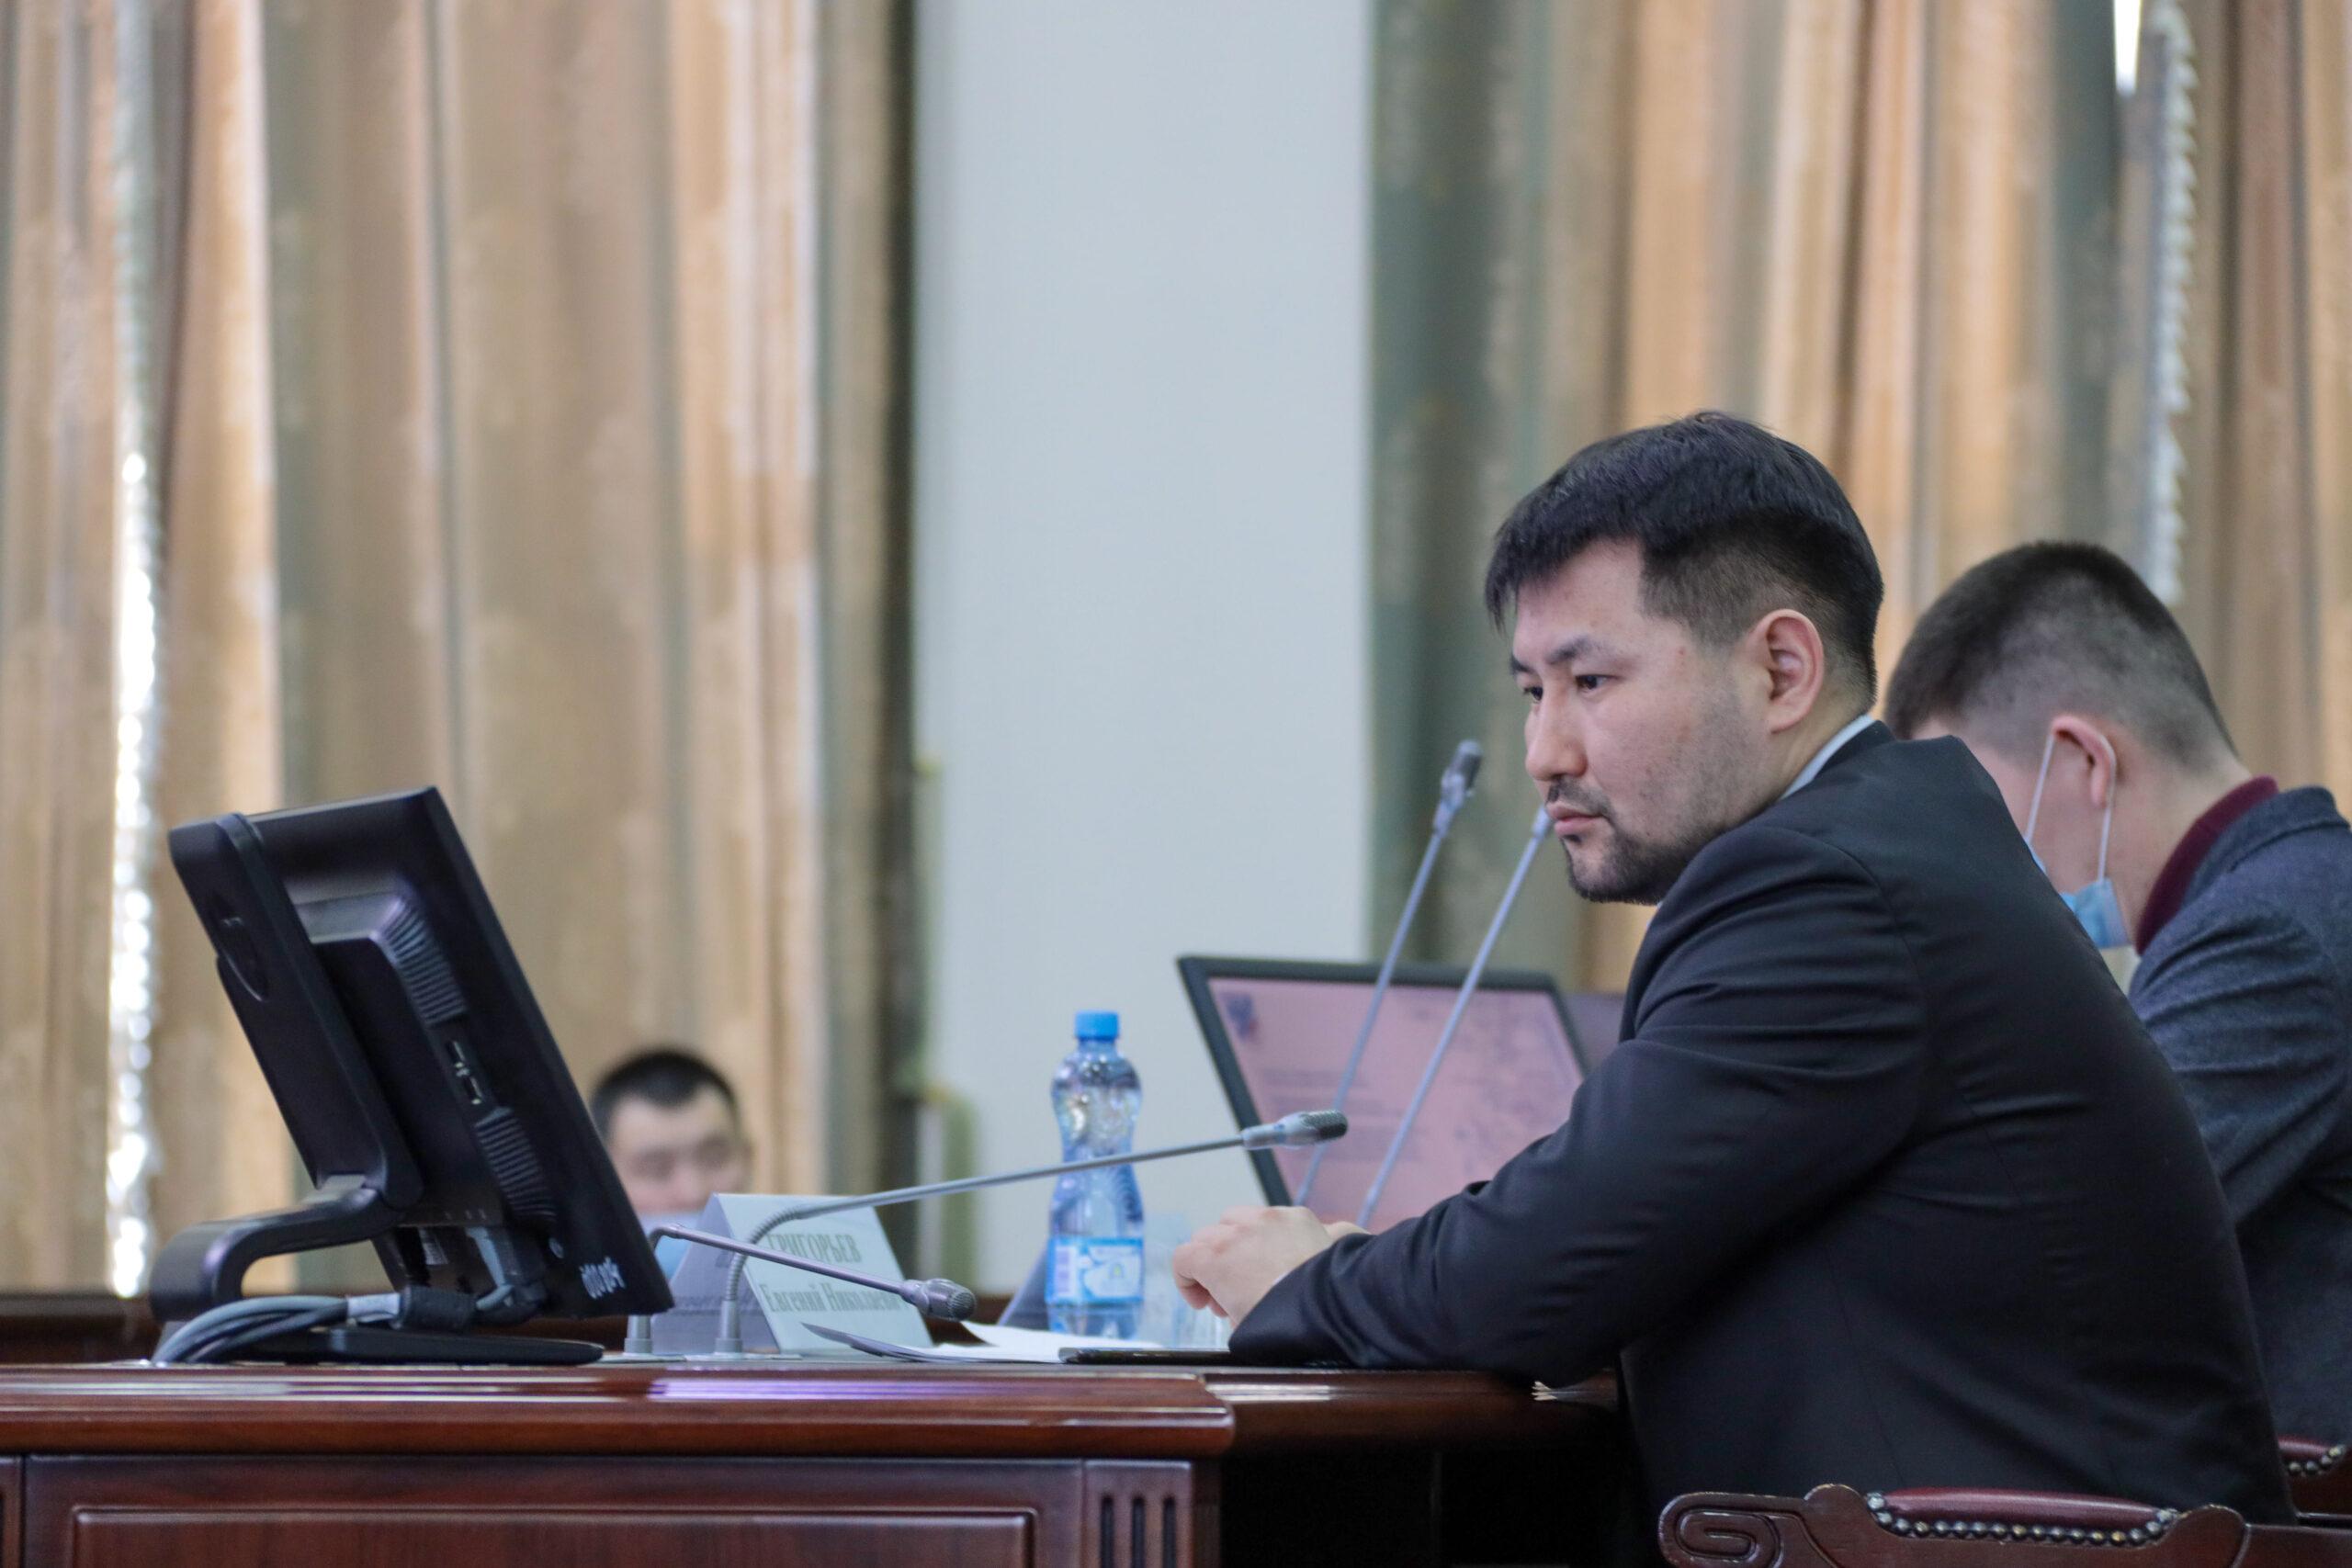 Евгений Григорьев занял первую строчку рейтинга первых лиц столиц субъектов ДФО